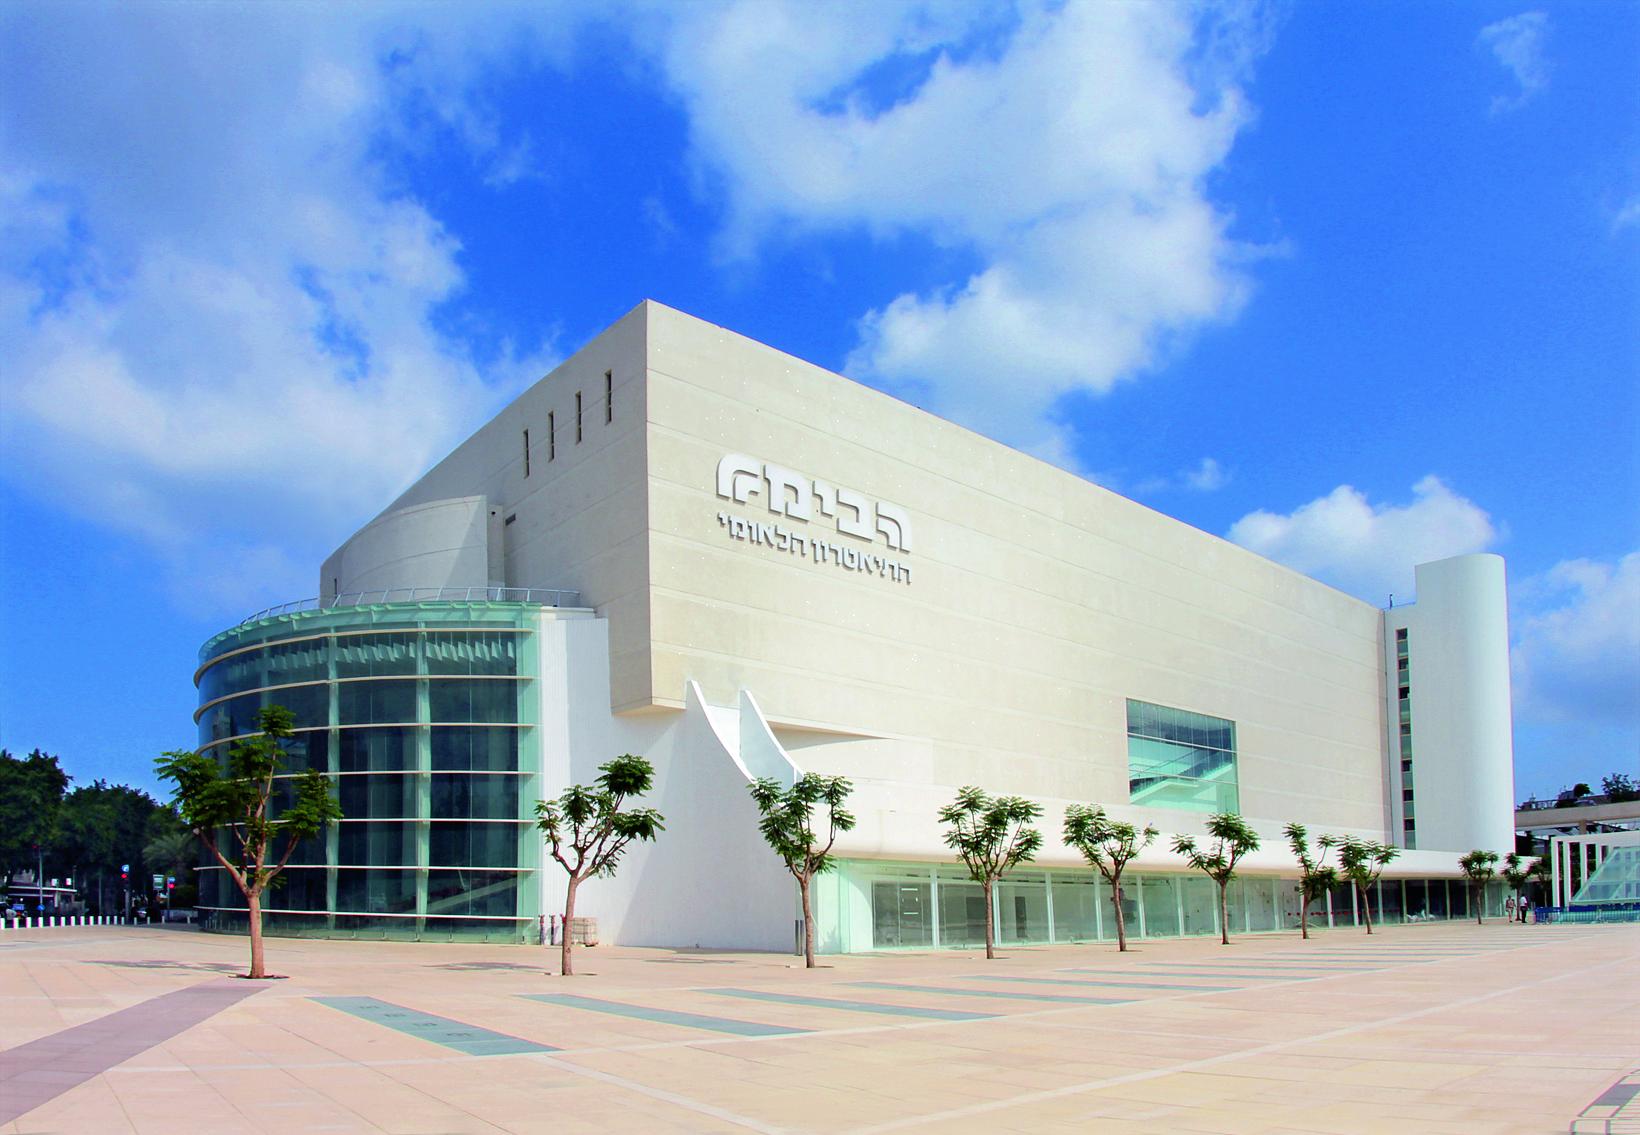 Tel-avivi Nemzeti Színház (Fotó: embassyofisrael.co.uk)